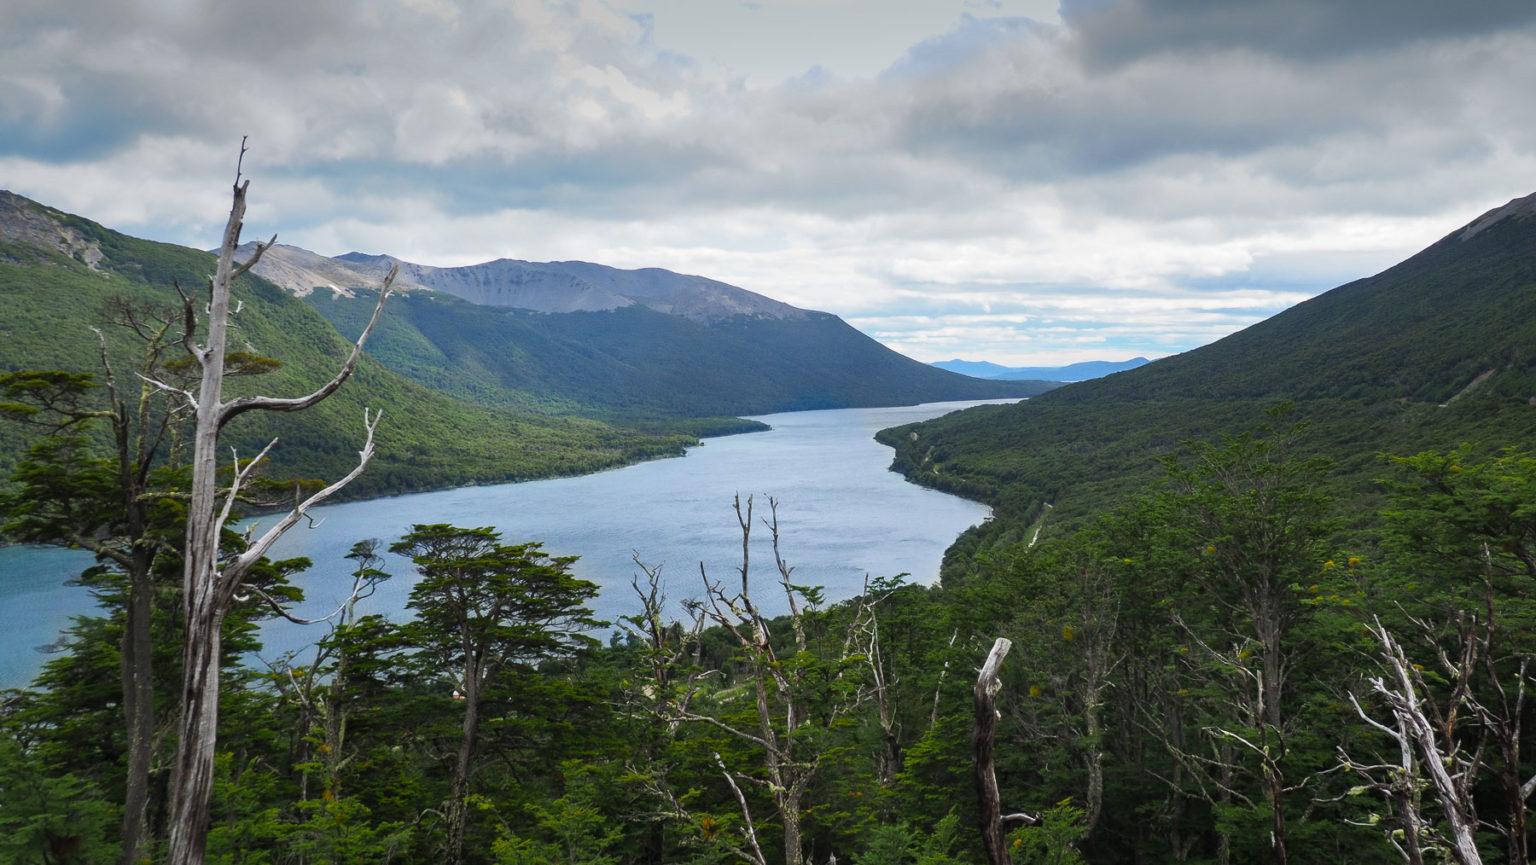 Weiter südlich gibt es Wälder und fjordartige Seen auf Feuerland